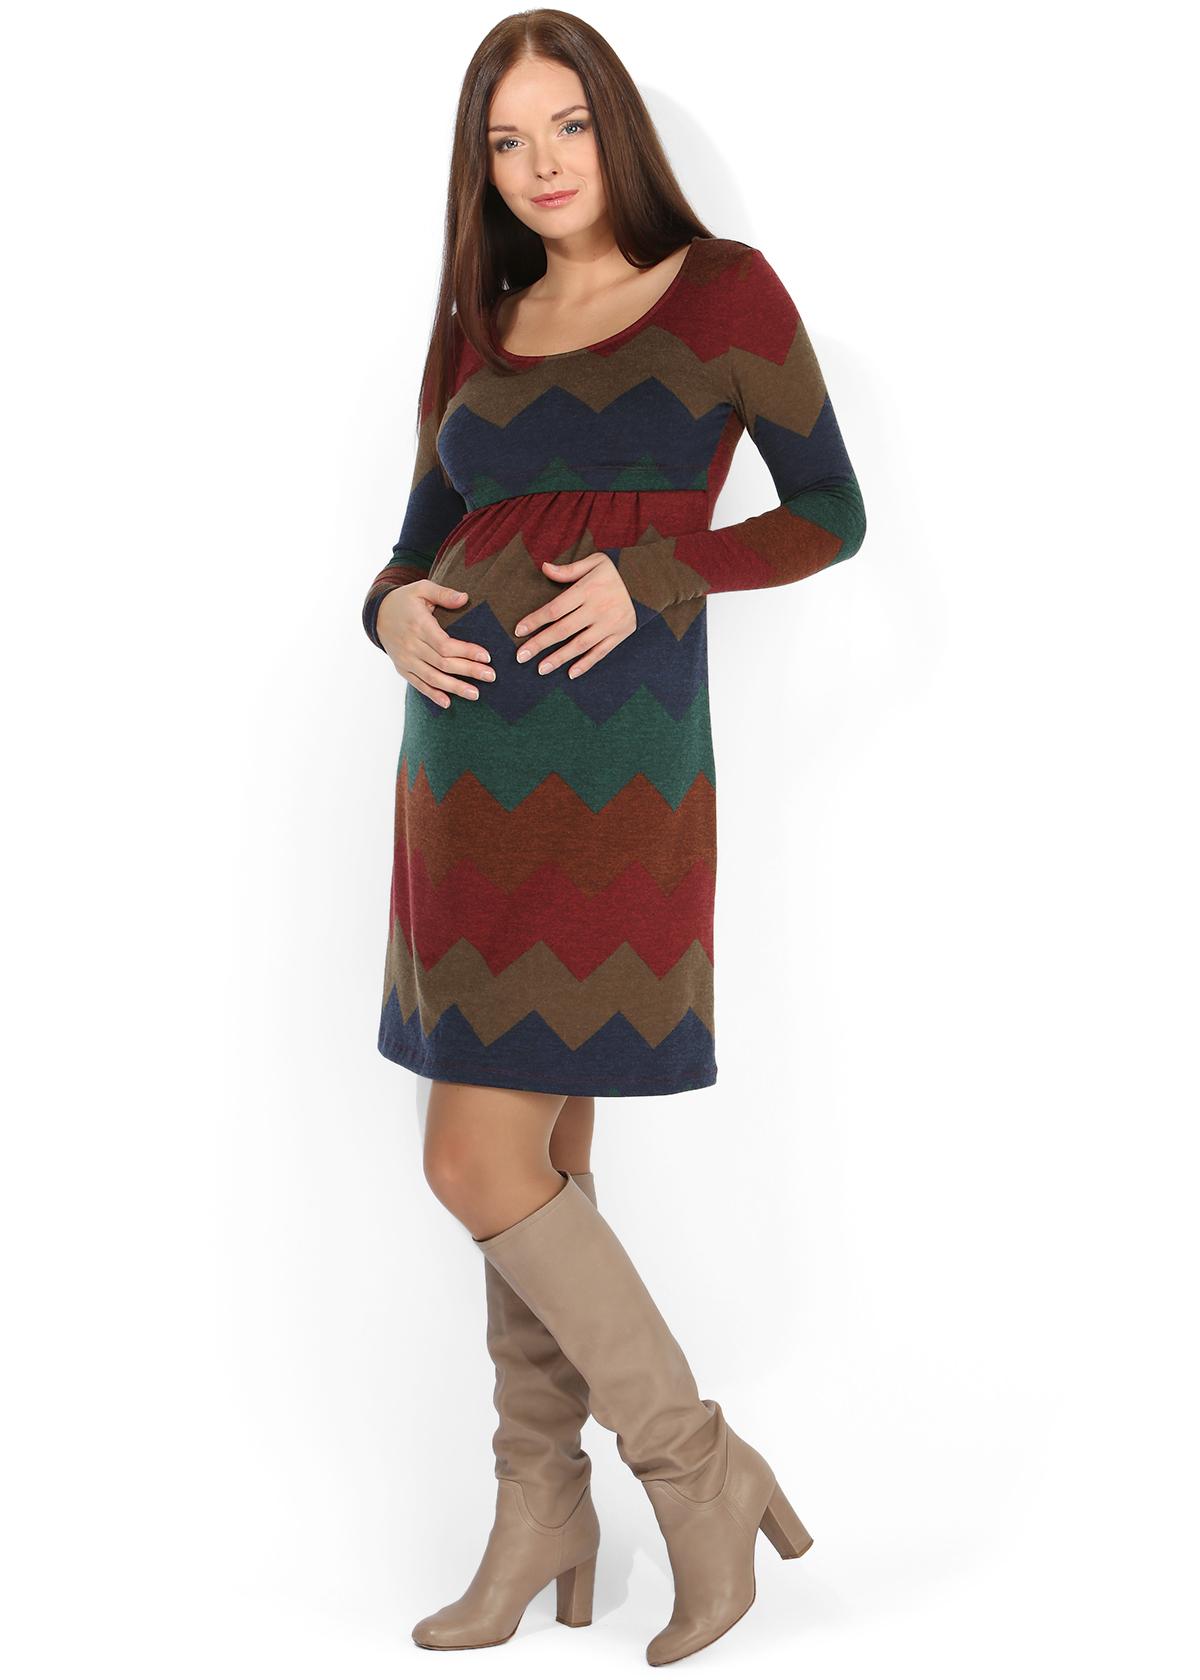 Платье для беременных и кормления грудью ПД03, Новинки одежды для беременных  и кормящих грудью мам d91382b377e